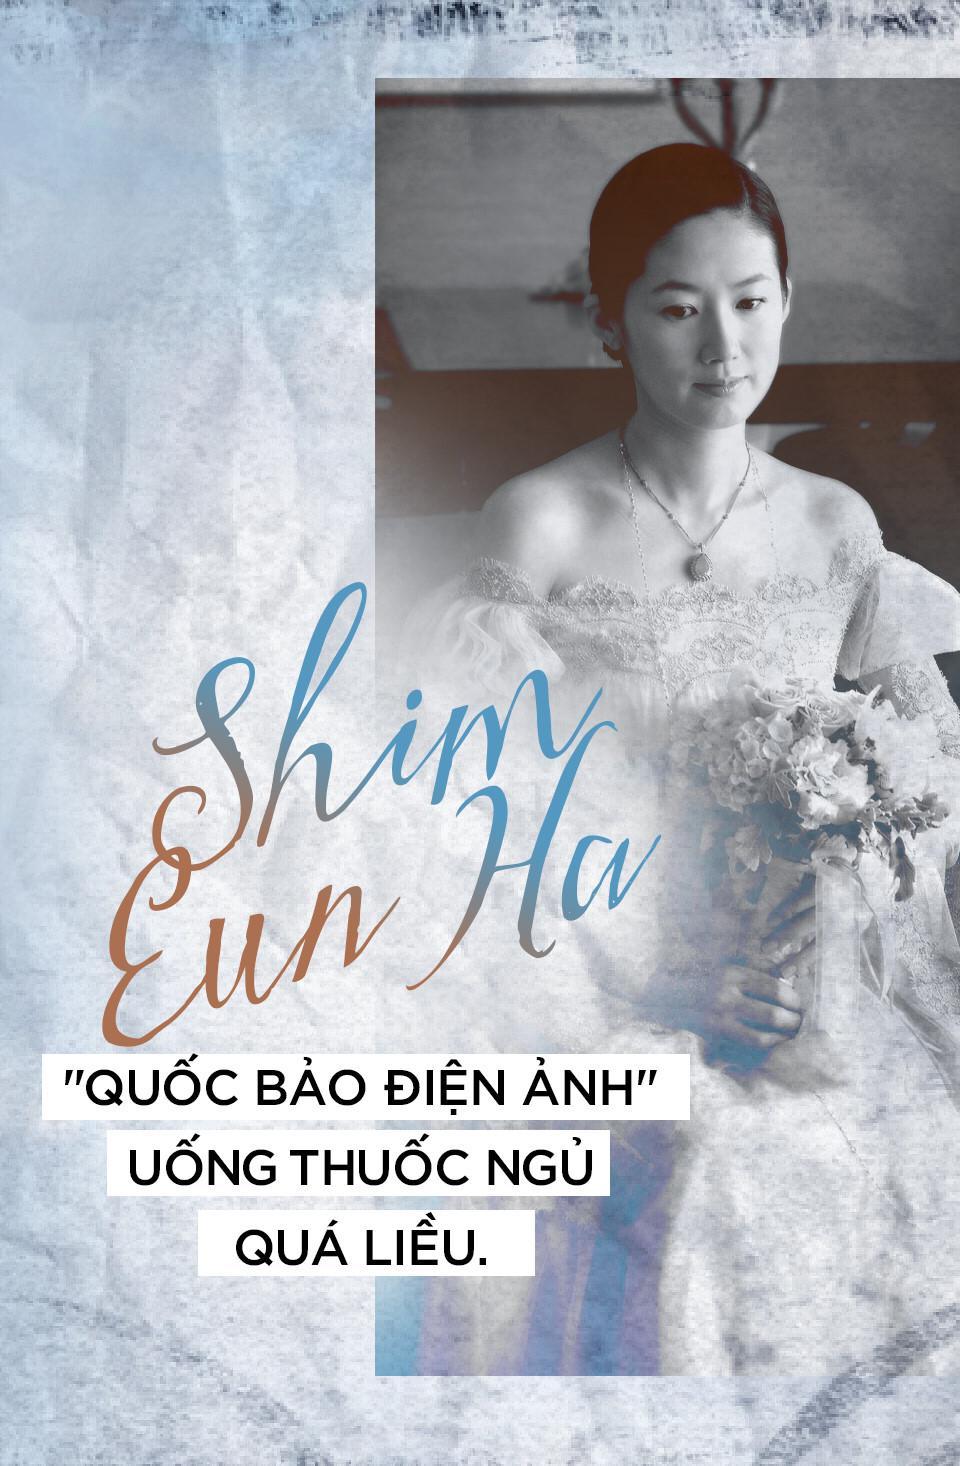 Hôn nhân sao Hàn - đại gia: Có chết cũng phải im lặng-7